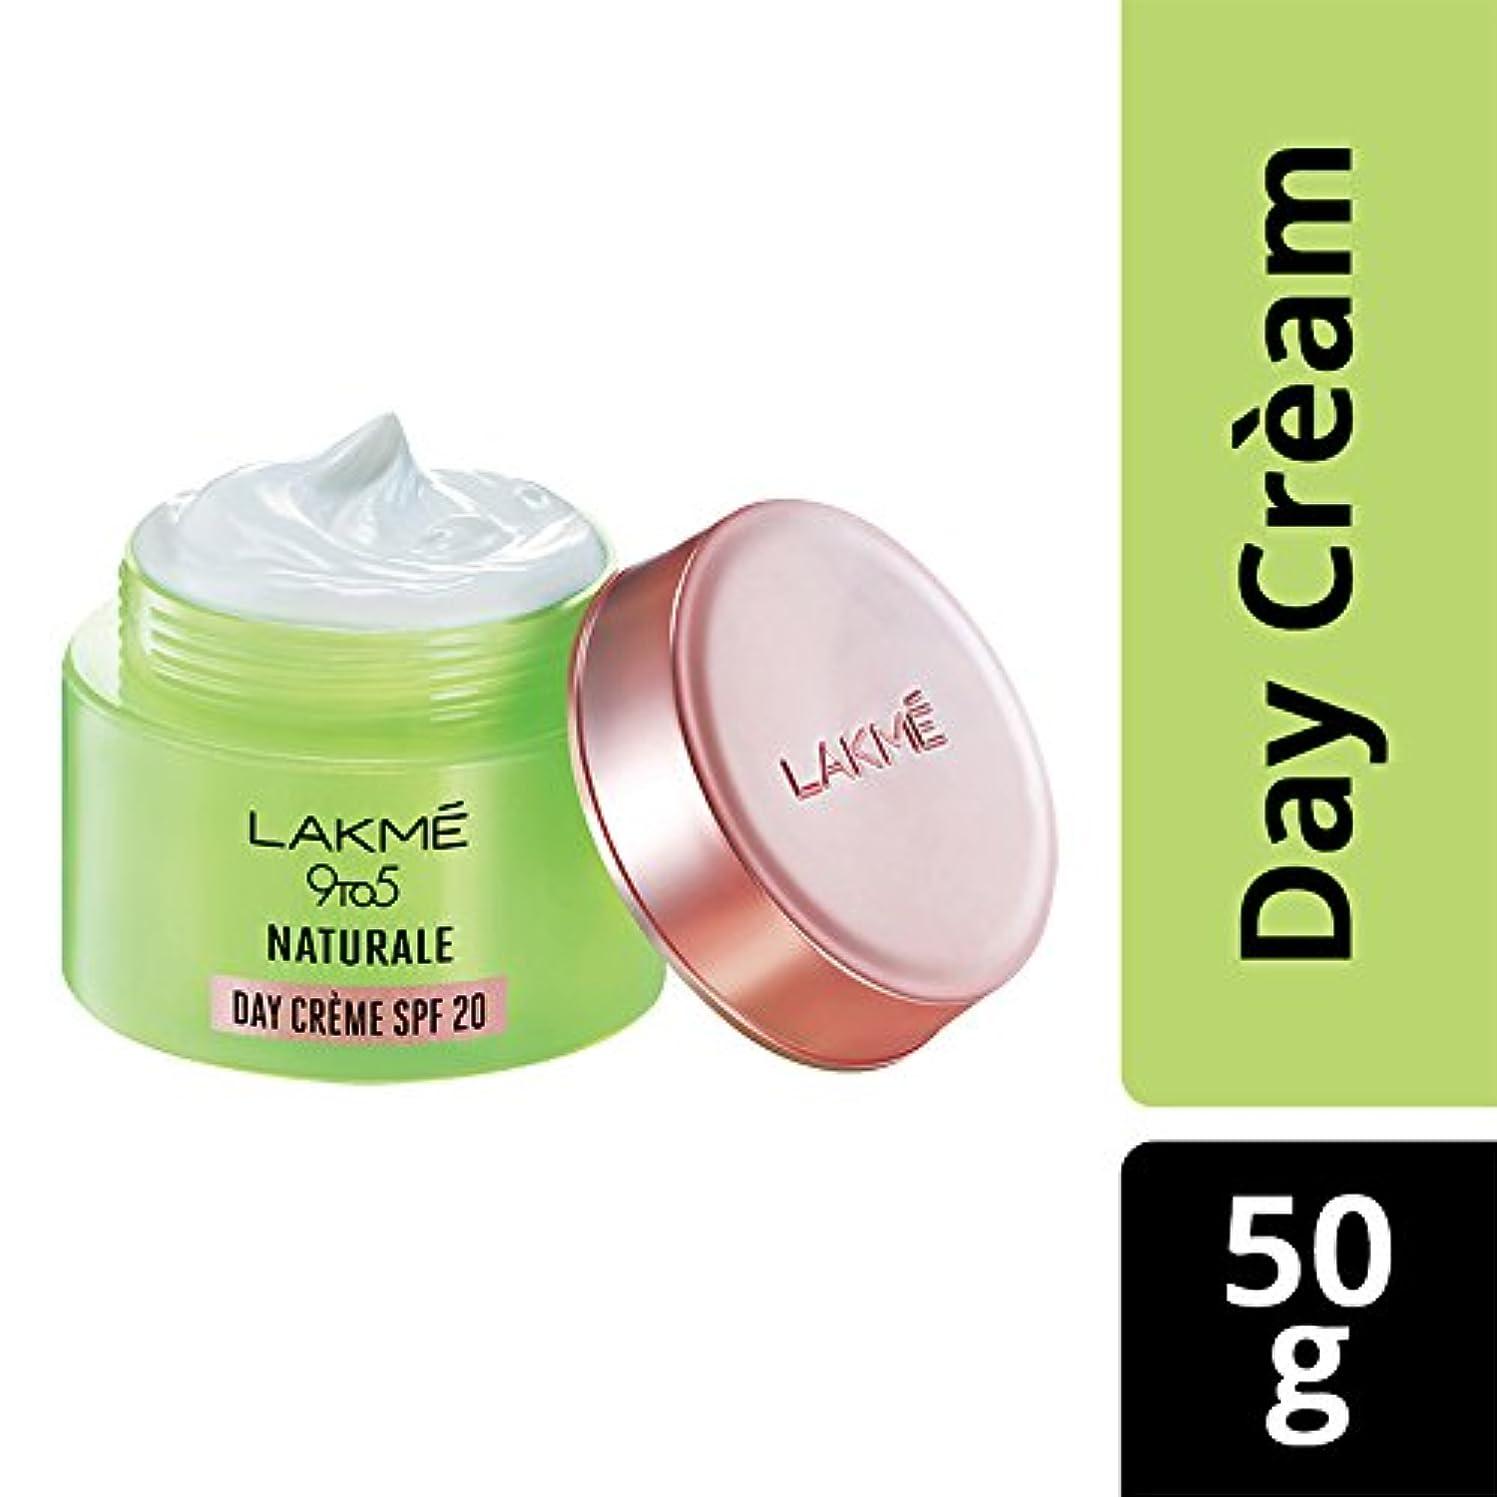 部屋を掃除する時刻表開拓者Lakme 9 to 5 Naturale Day Creme SPF 20, 50 g